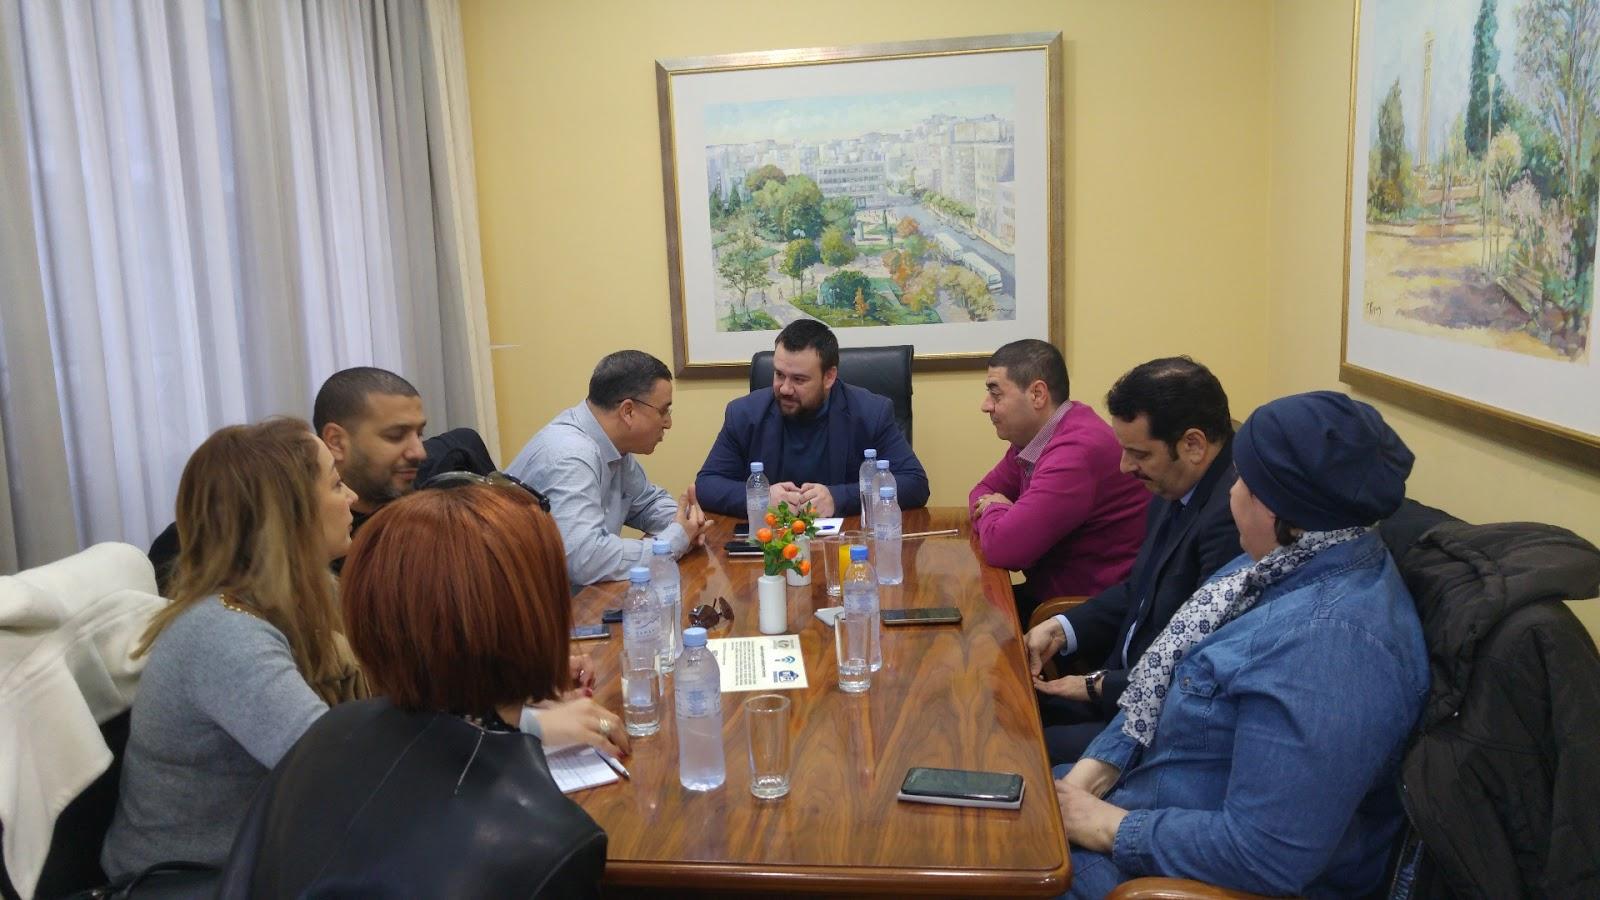 Συνάντηση της Διοίκησης του Επιμελητηρίου Λάρισας με εκπροσώπους Πανεπιστημίων από την Τυνησία